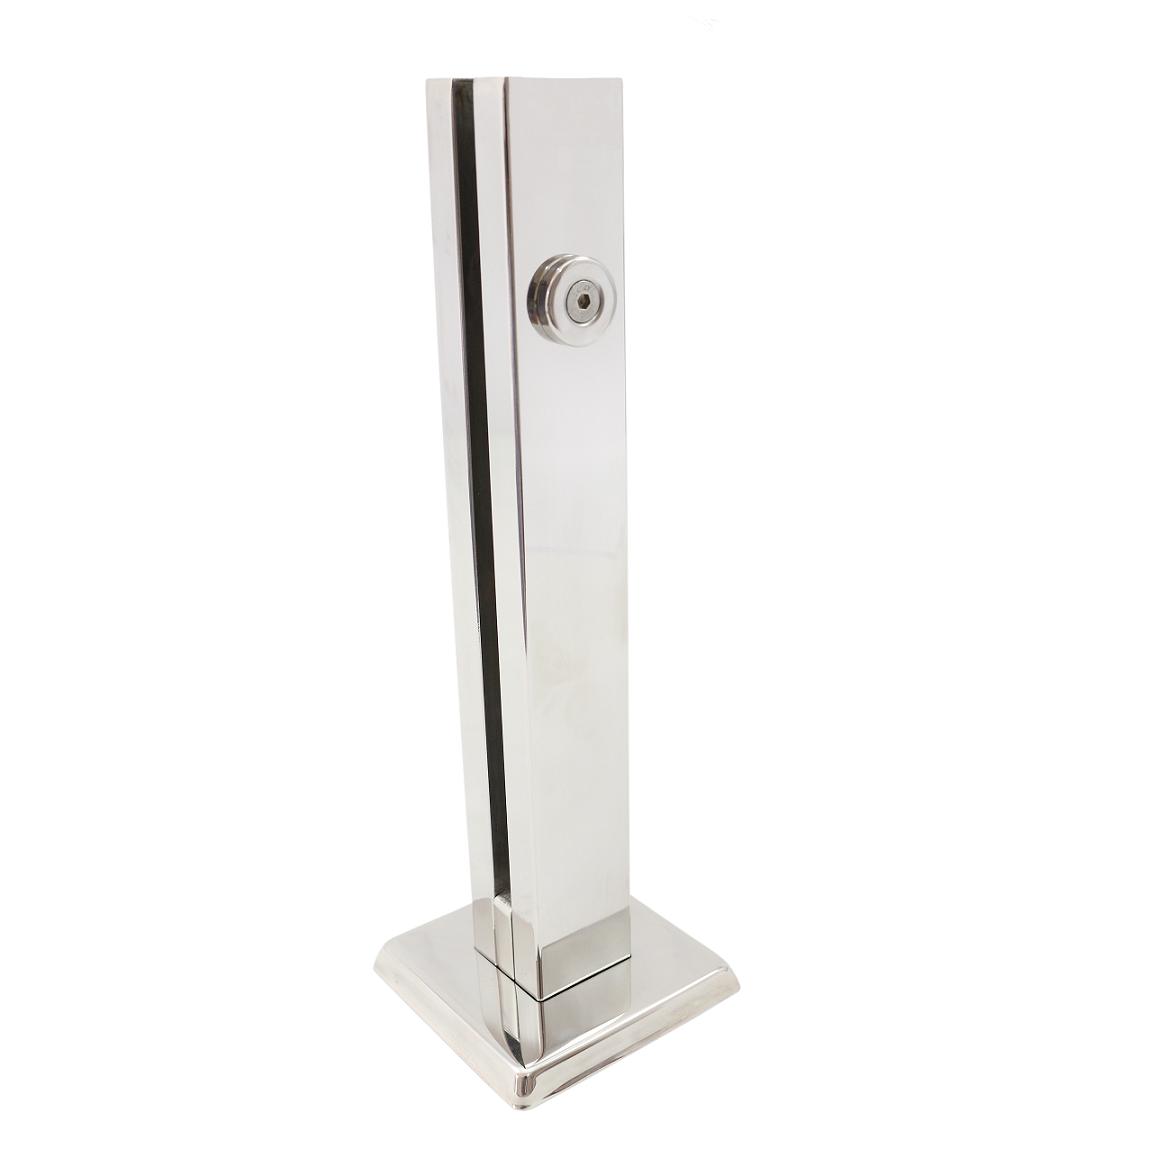 Coluna Torre 20 Cm - 1 Furo - Polida - Aço Inox 304 - v.10